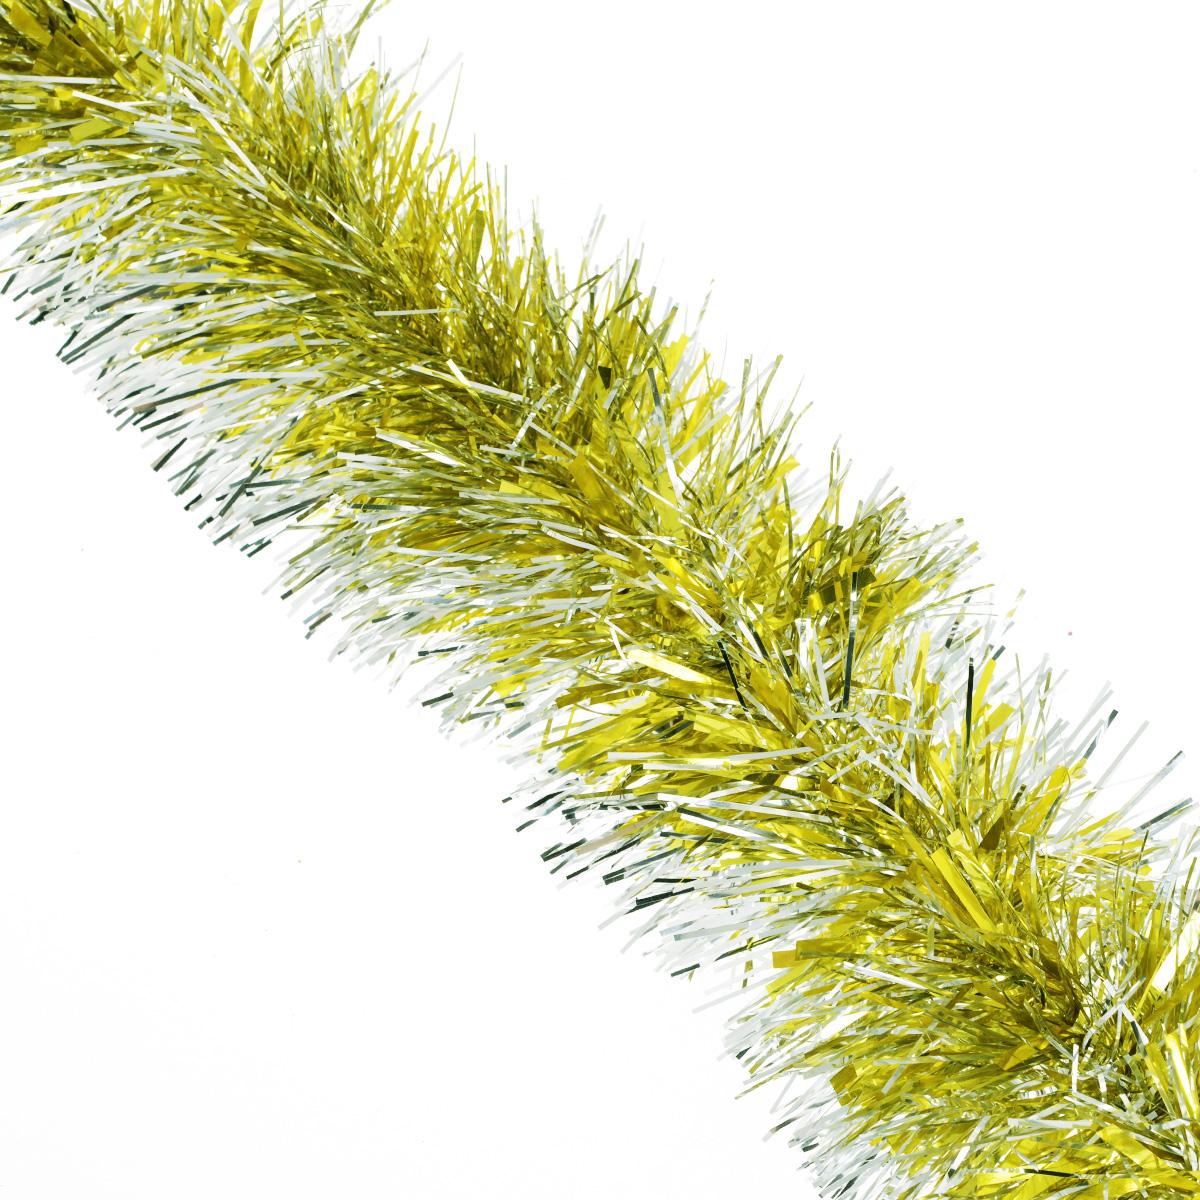 Мишура новогодняя Sima-land, цвет: золотистый, серебристый, диаметр 10 см, длина 160 см. 623233623233_золотистый, серебристыйМишура новогодняя Sima-land, выполненная из фольги, поможет вам украситьсвой дом к предстоящим праздникам. Мишура армирована, то есть имеетпроволоку внутри и способна сохранять приданную ейформу. Новогодняя елка с таким украшением станет еще наряднее.Новогодней мишурой можно украсить все, что угодно - елку, квартиру, дачу, офис -как внутри, так и снаружи. Можно сложить новогодние поздравления, буквы ицифры, мишурой можно украсить и дополнить гирлянды, можно выделитьдверные колонны, оплести дверные проемы.